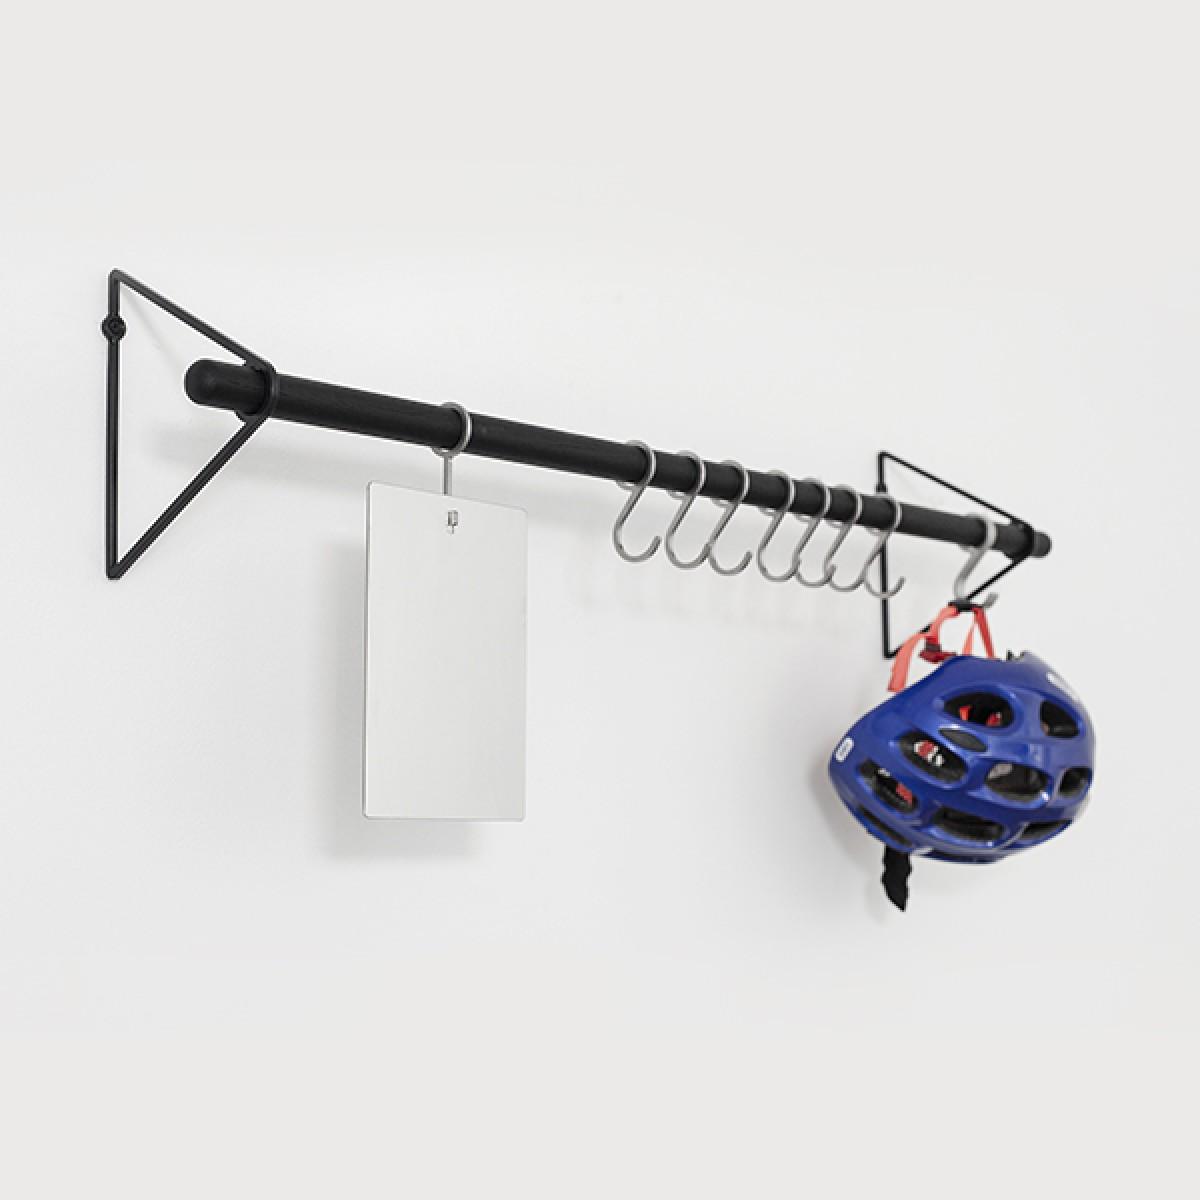 Garderobenhaken für SOLID Flurgarderobe, 5 Stück Edelstahl (Zubehör) | Result Objects